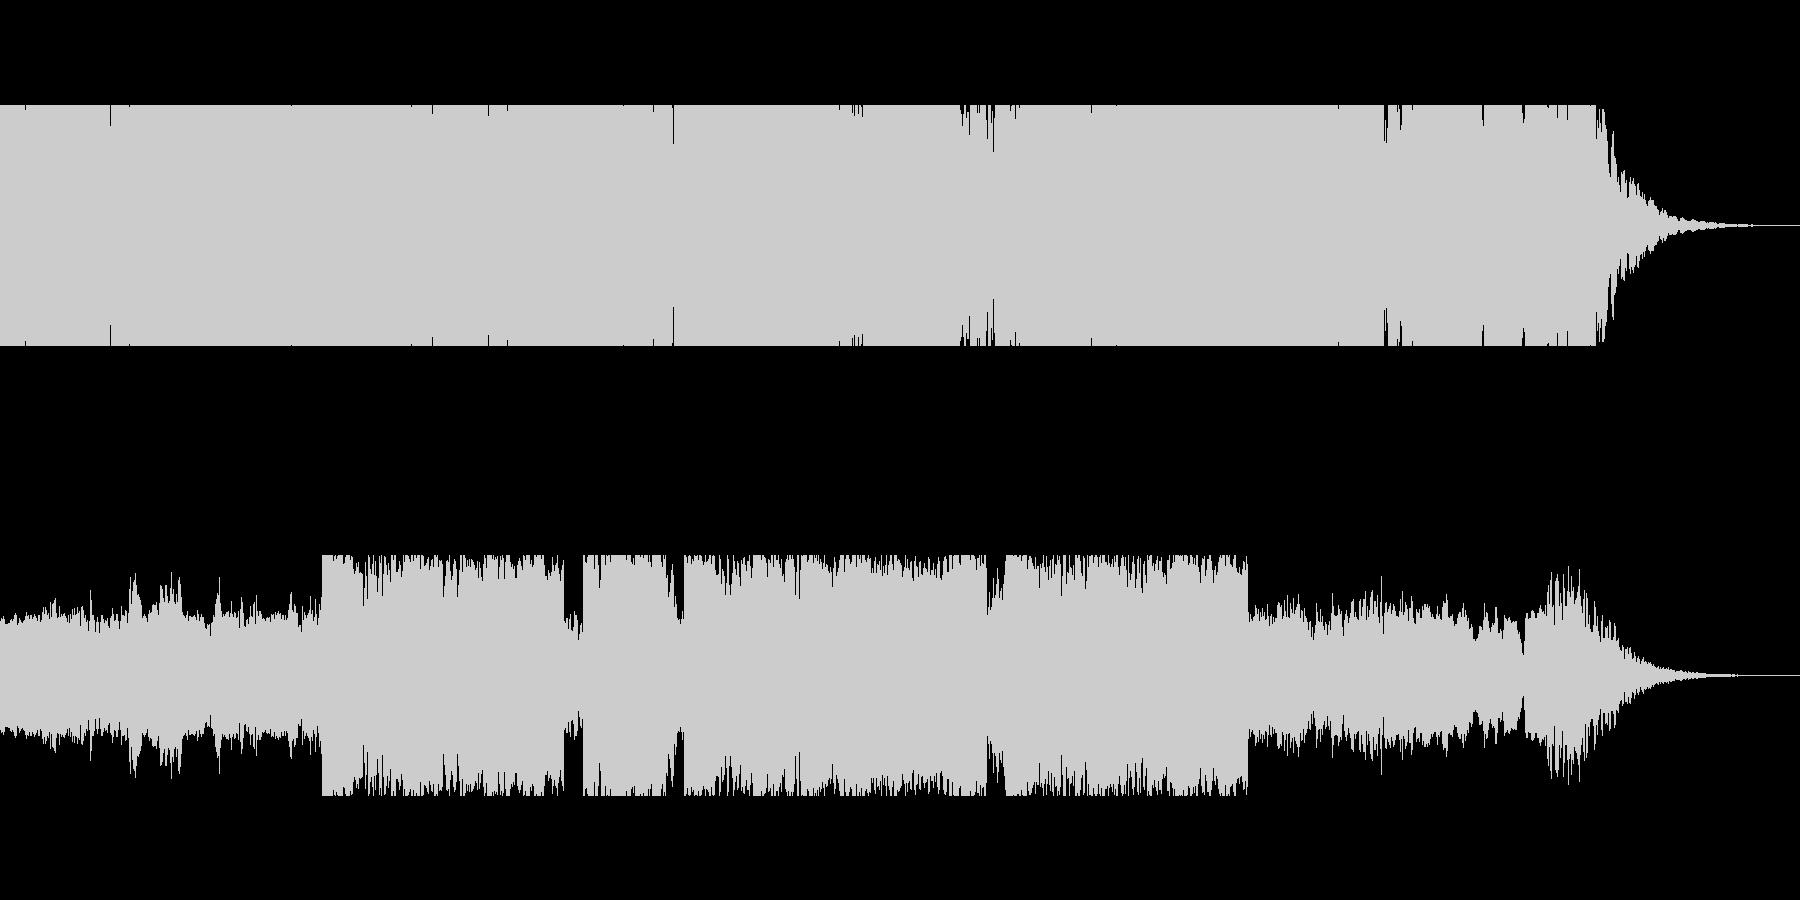 ジングル 懐かしい 村 笛 ロゴ の未再生の波形